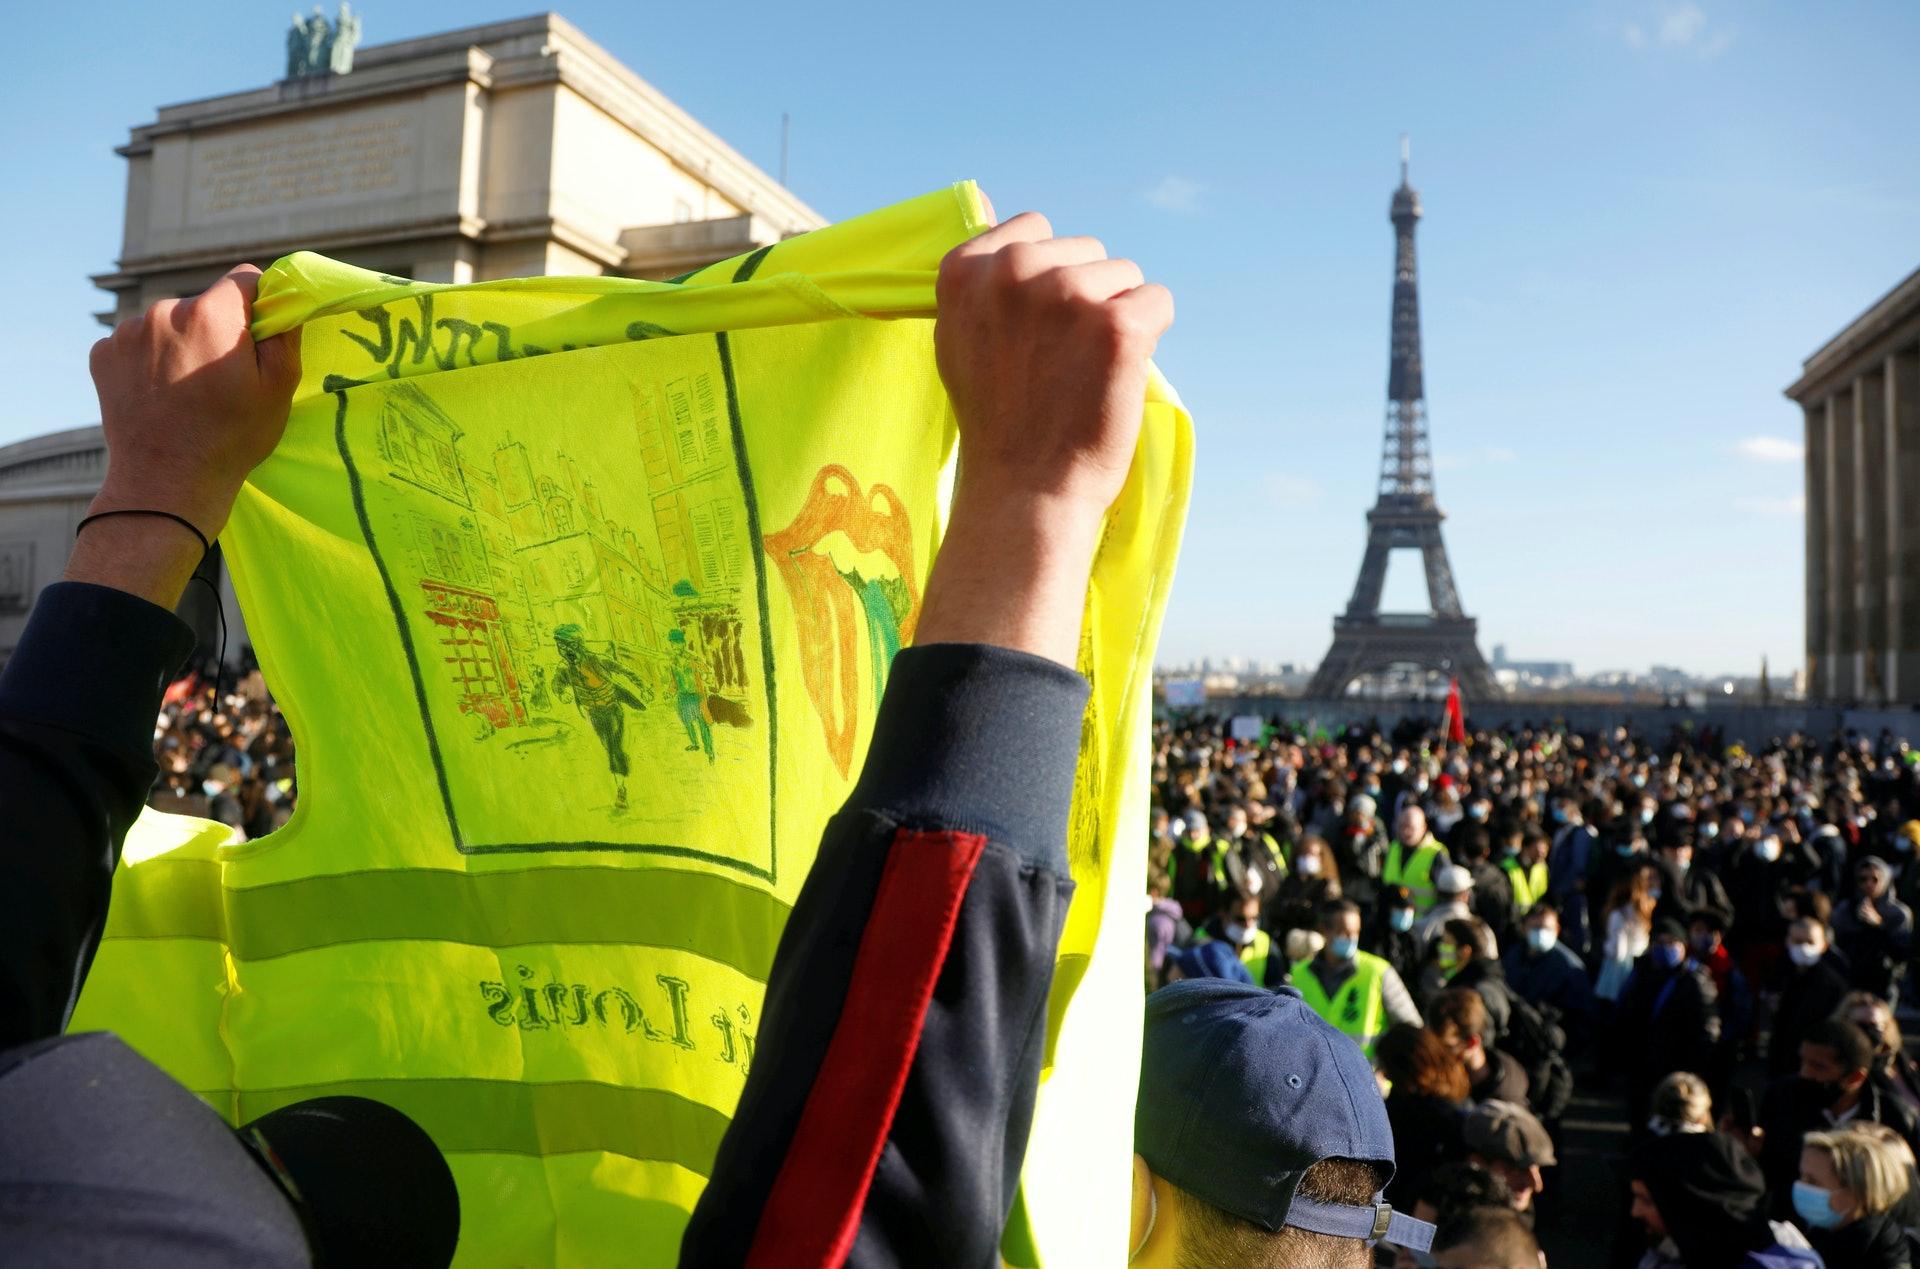 法國示威:巴黎民眾11月21日在特羅卡德羅廣場示威,圖為一名示威者高舉一件黃背心。(Reuters)